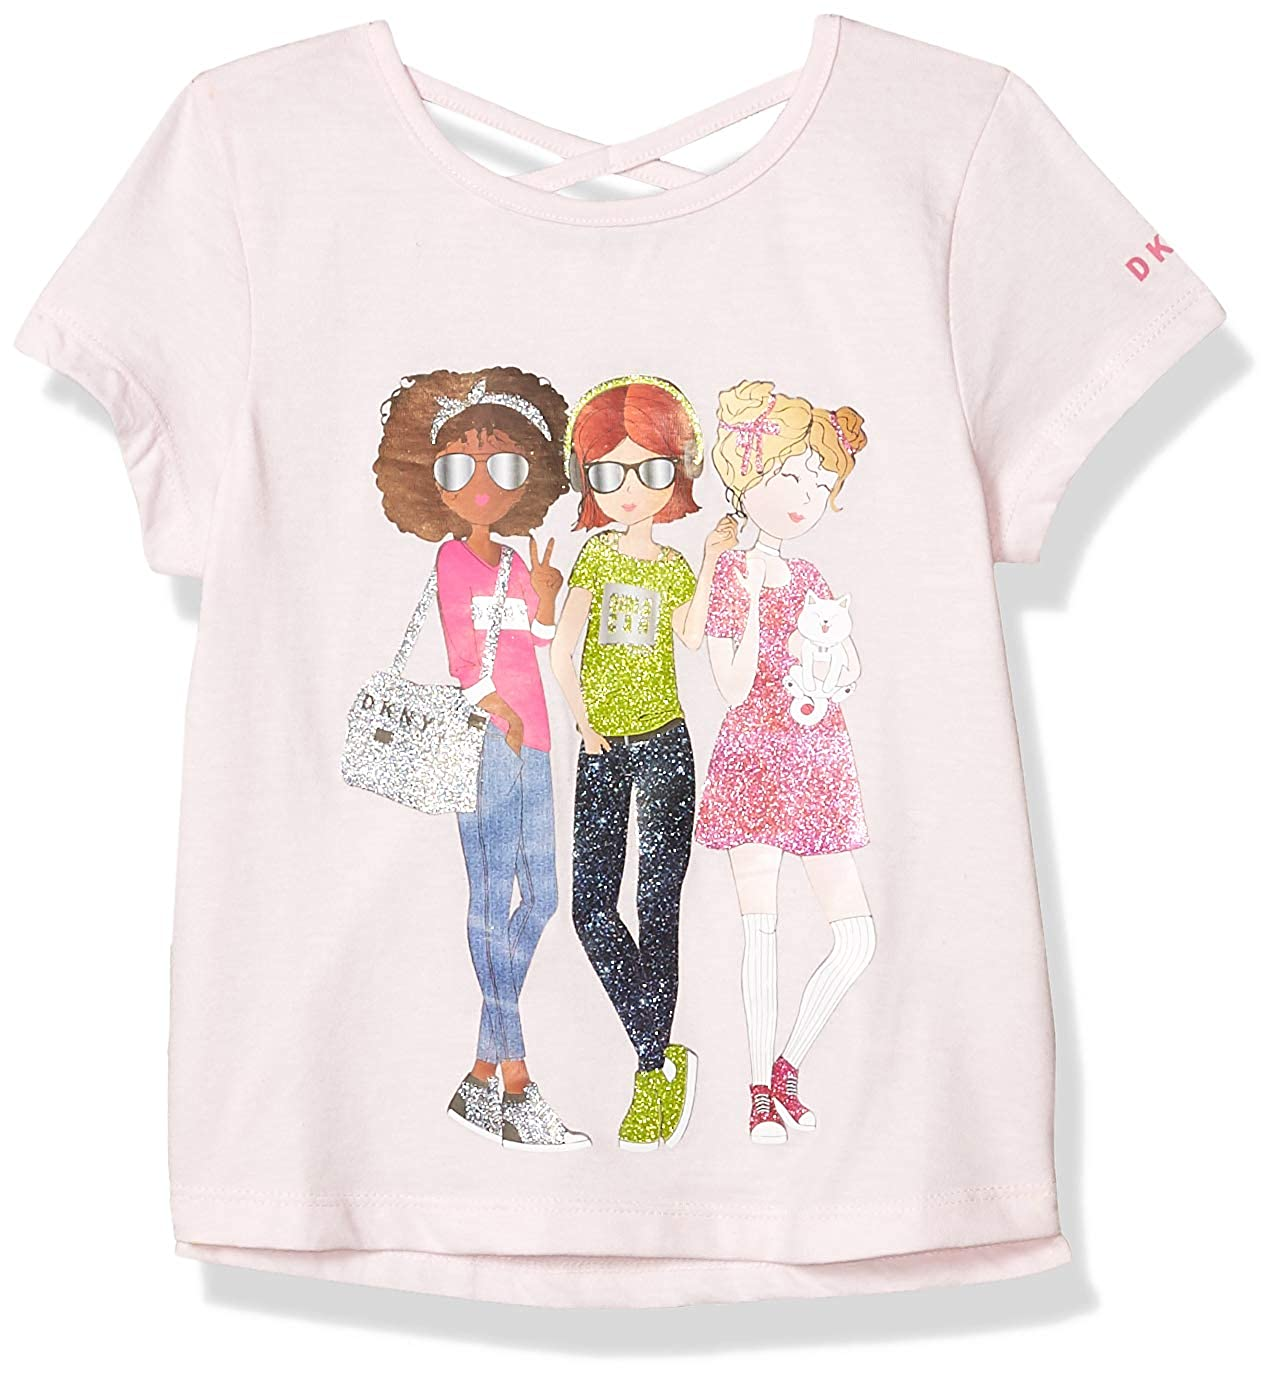 DKNY Girls T-Shirt